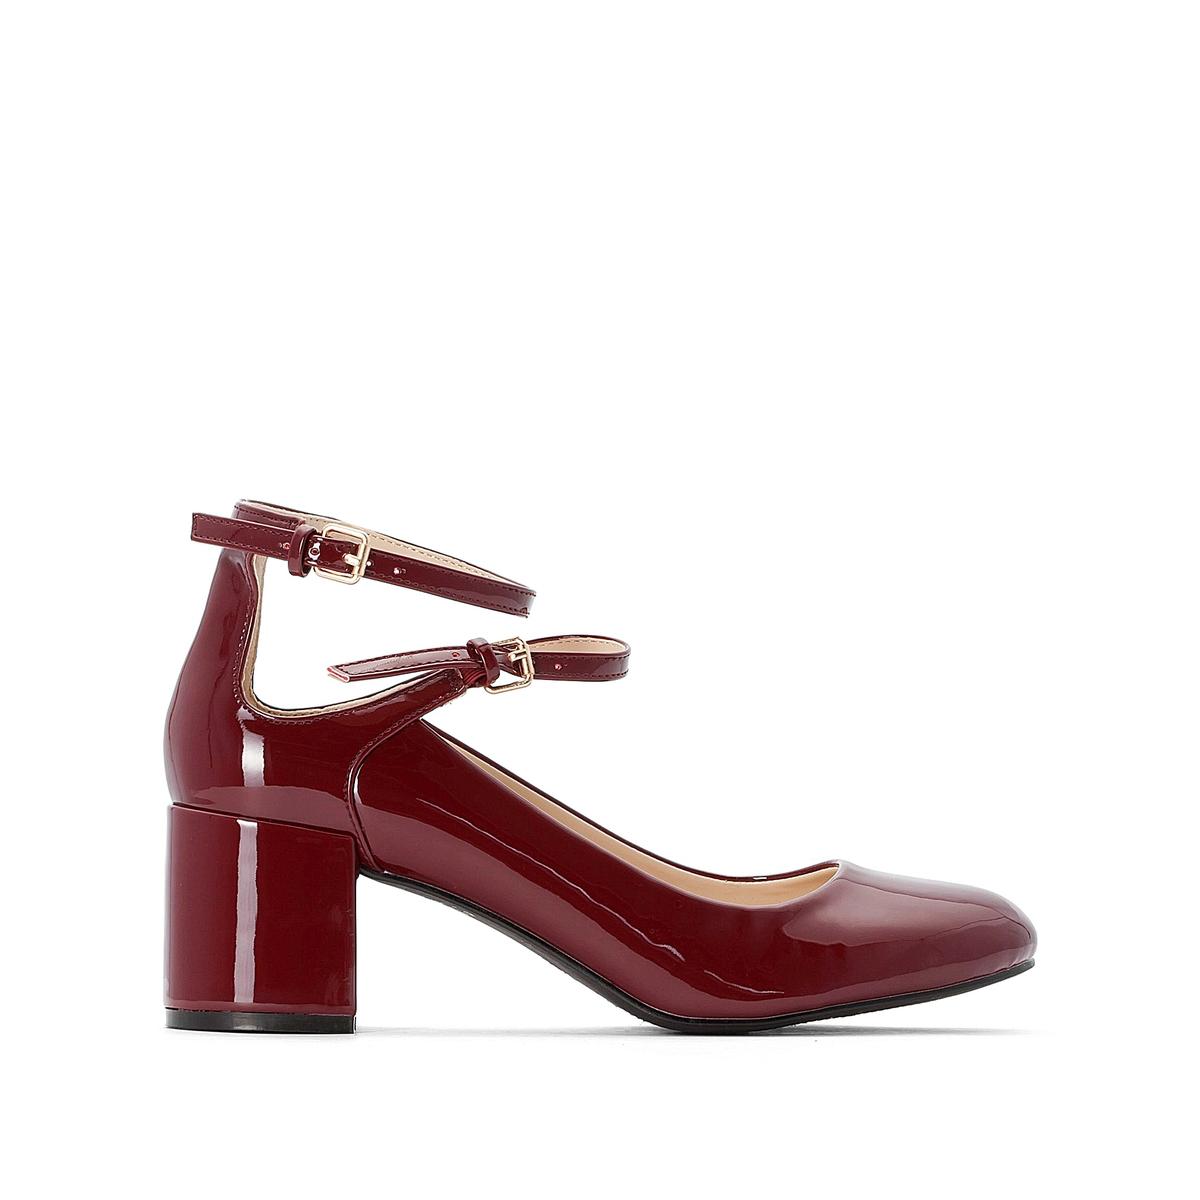 цена на Туфли La Redoute Лакированные подходят для широкой стопы размеры - 42 красный